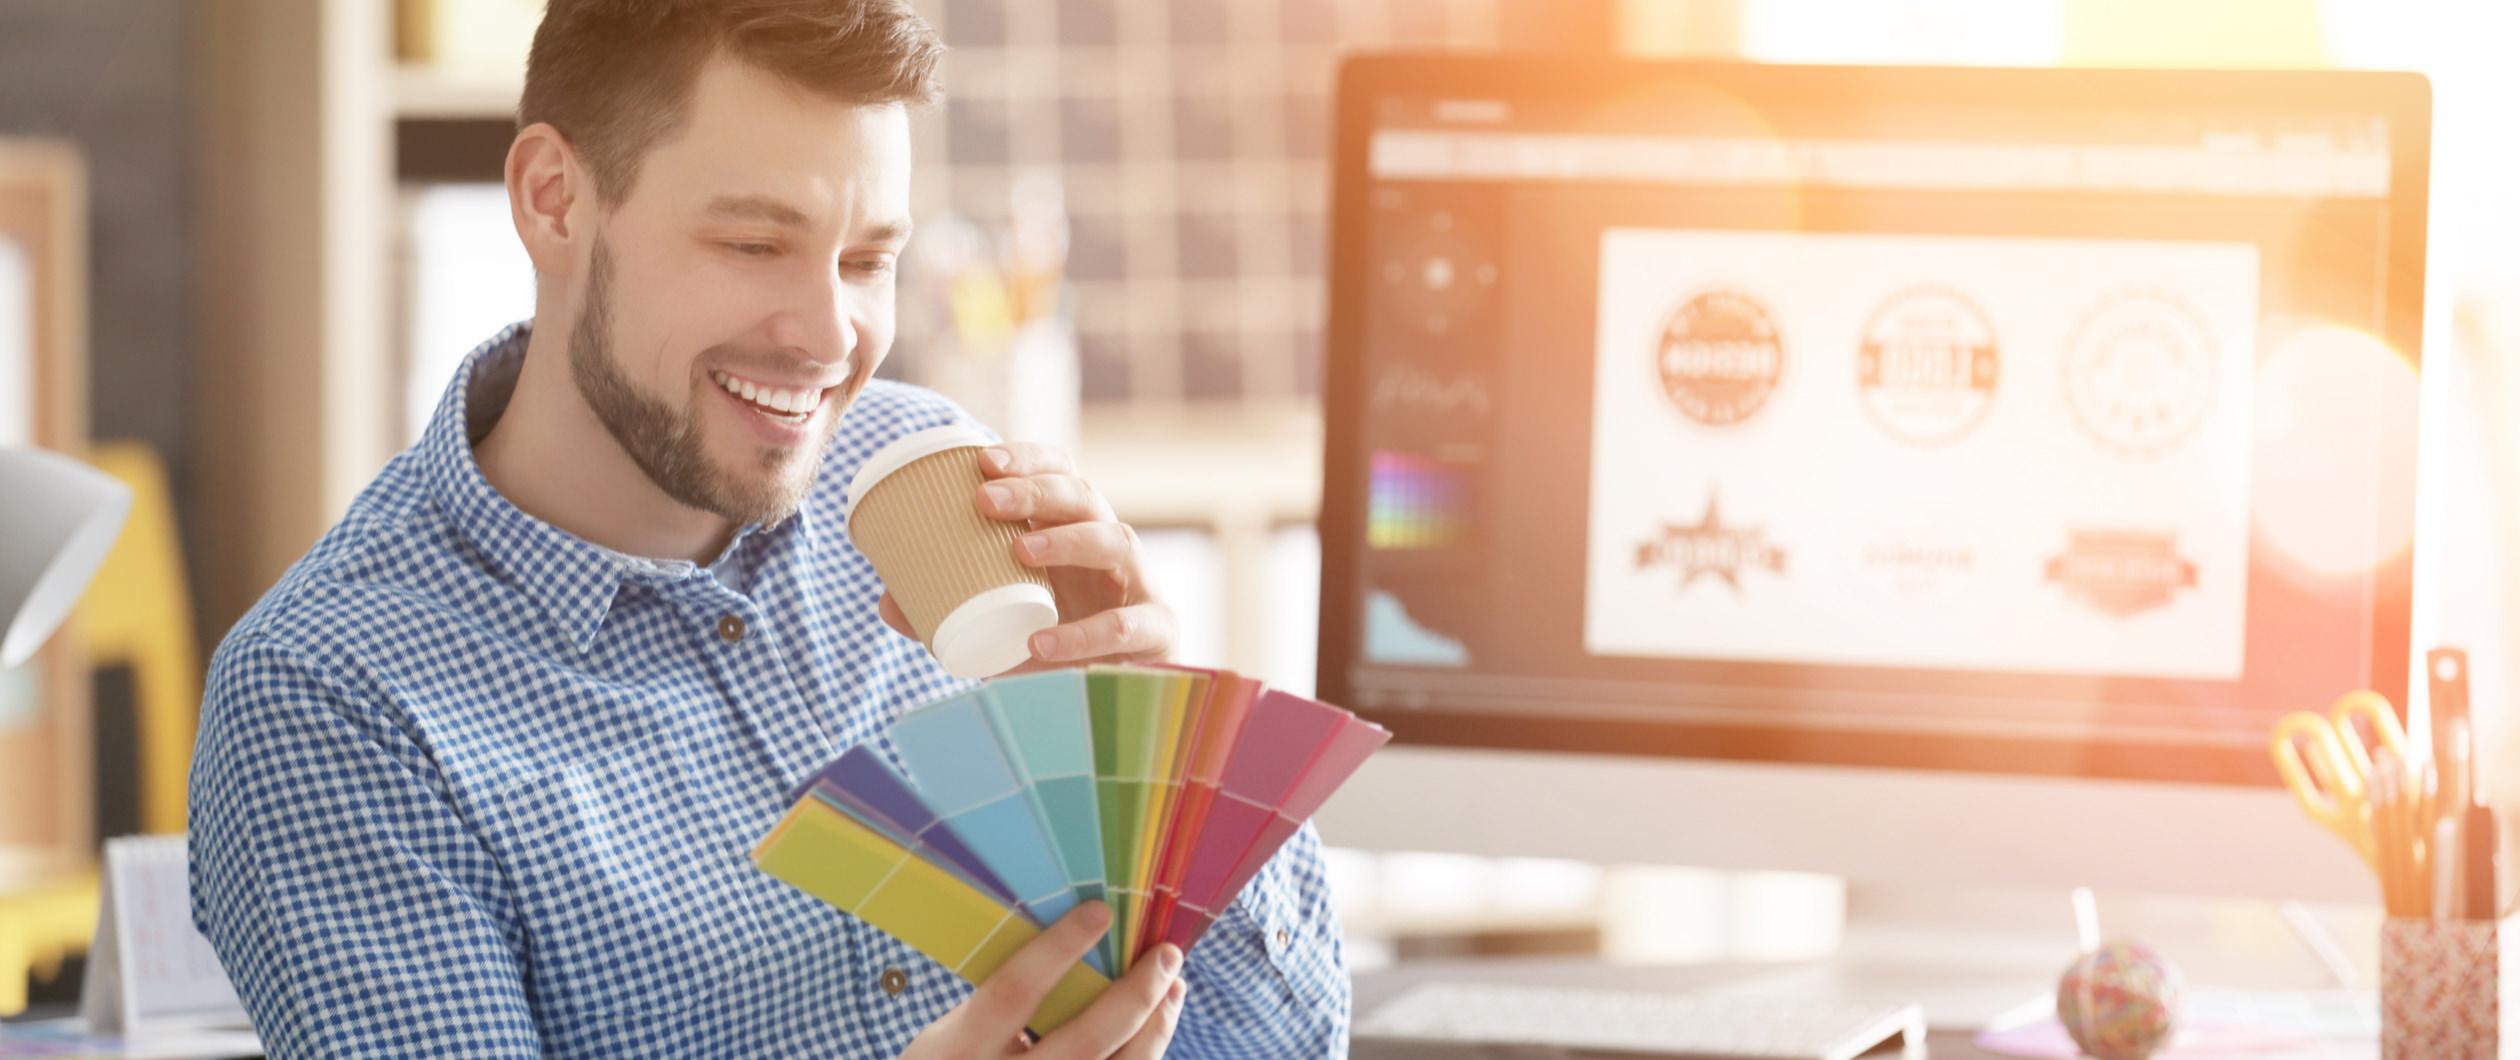 Webdesign mit Begeisterung …für bleibenden Eindruck!